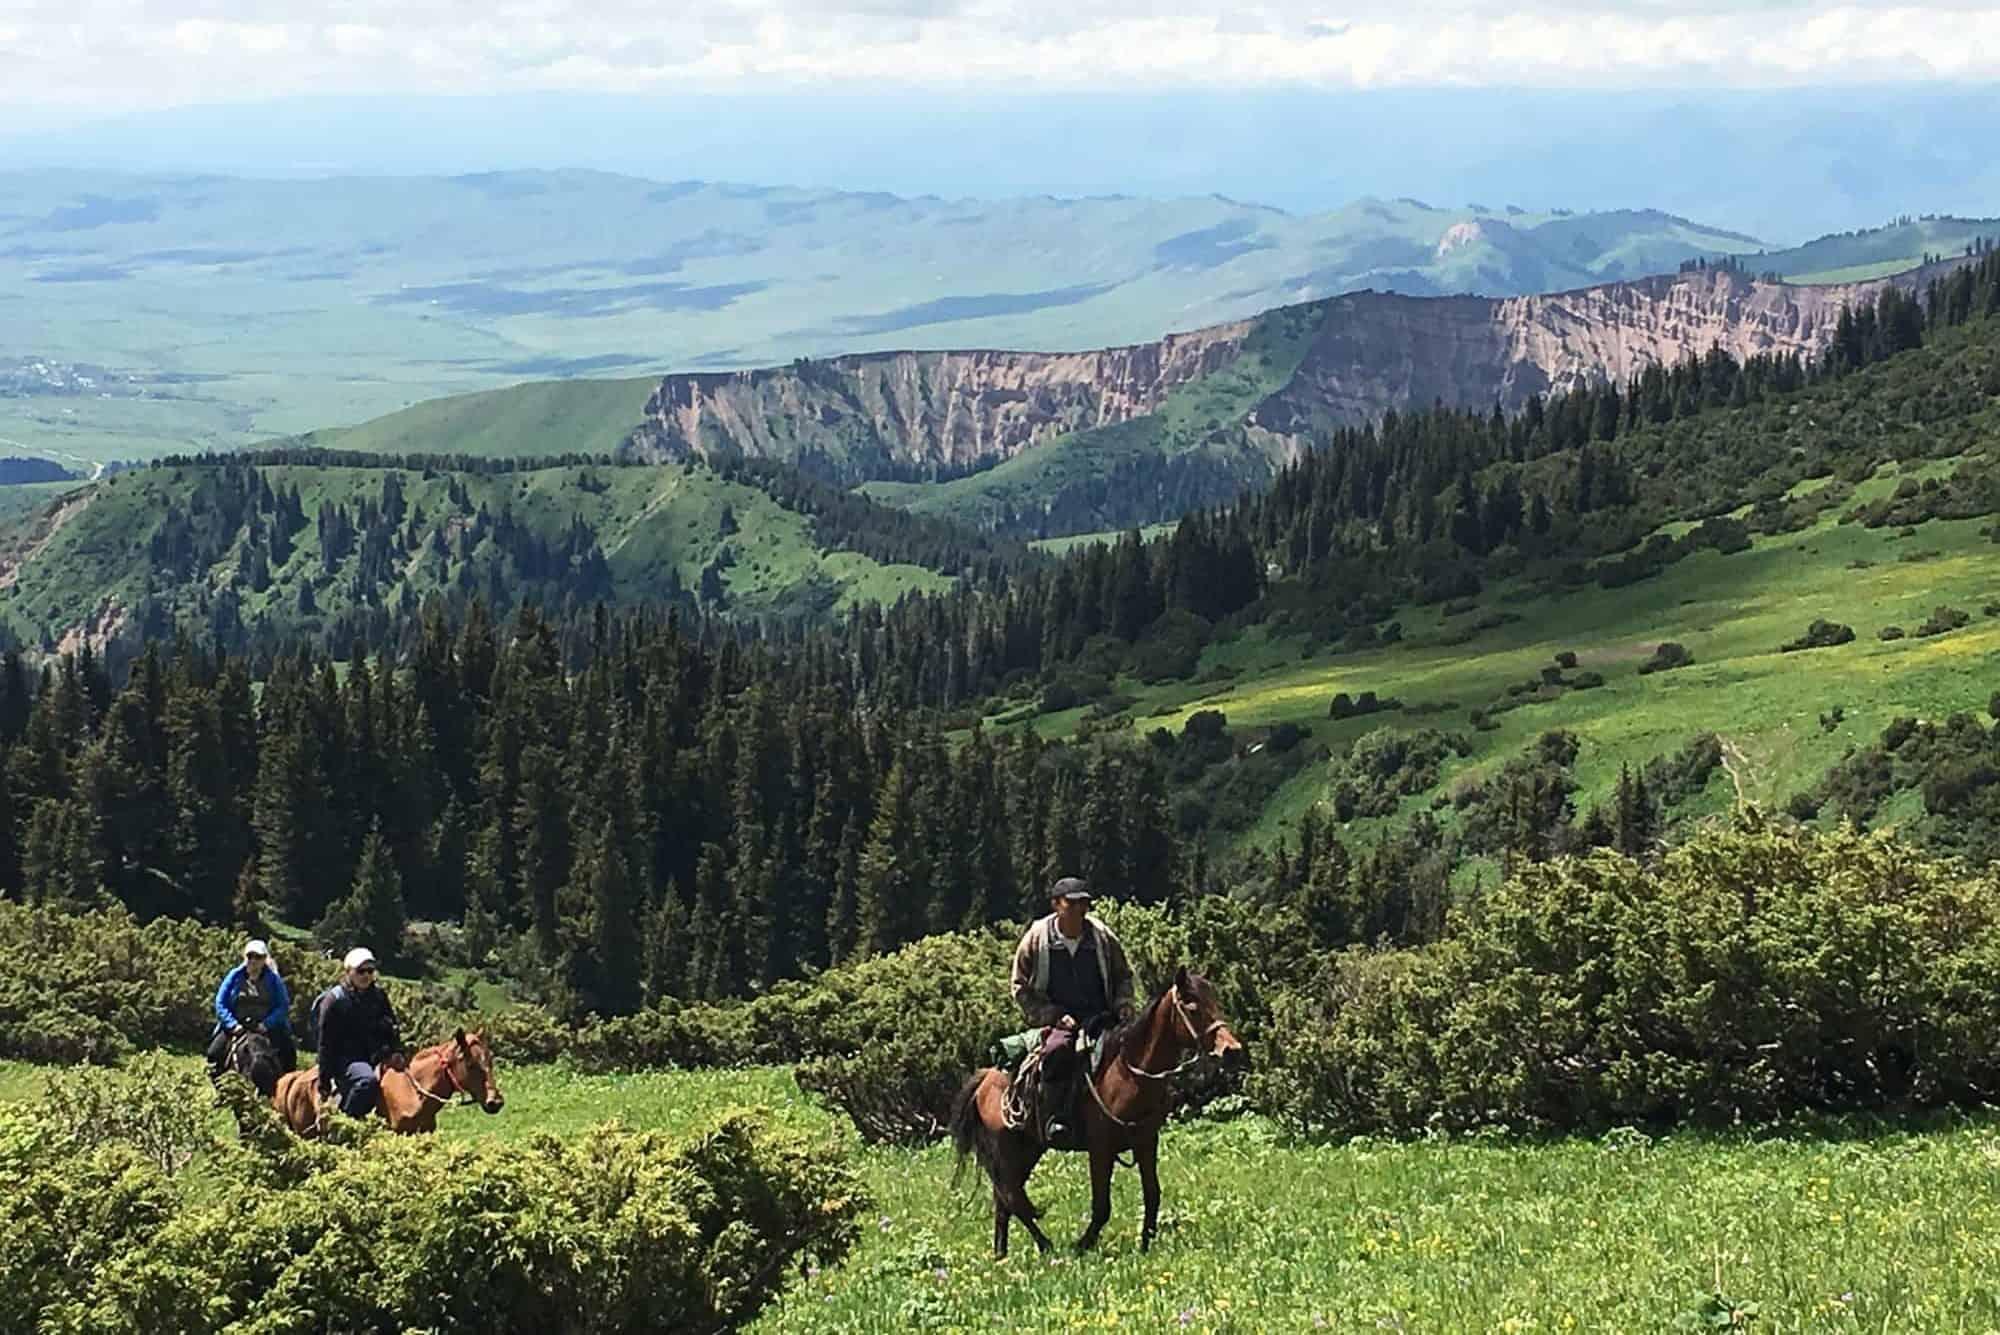 Jyrgalan Horseback Riding